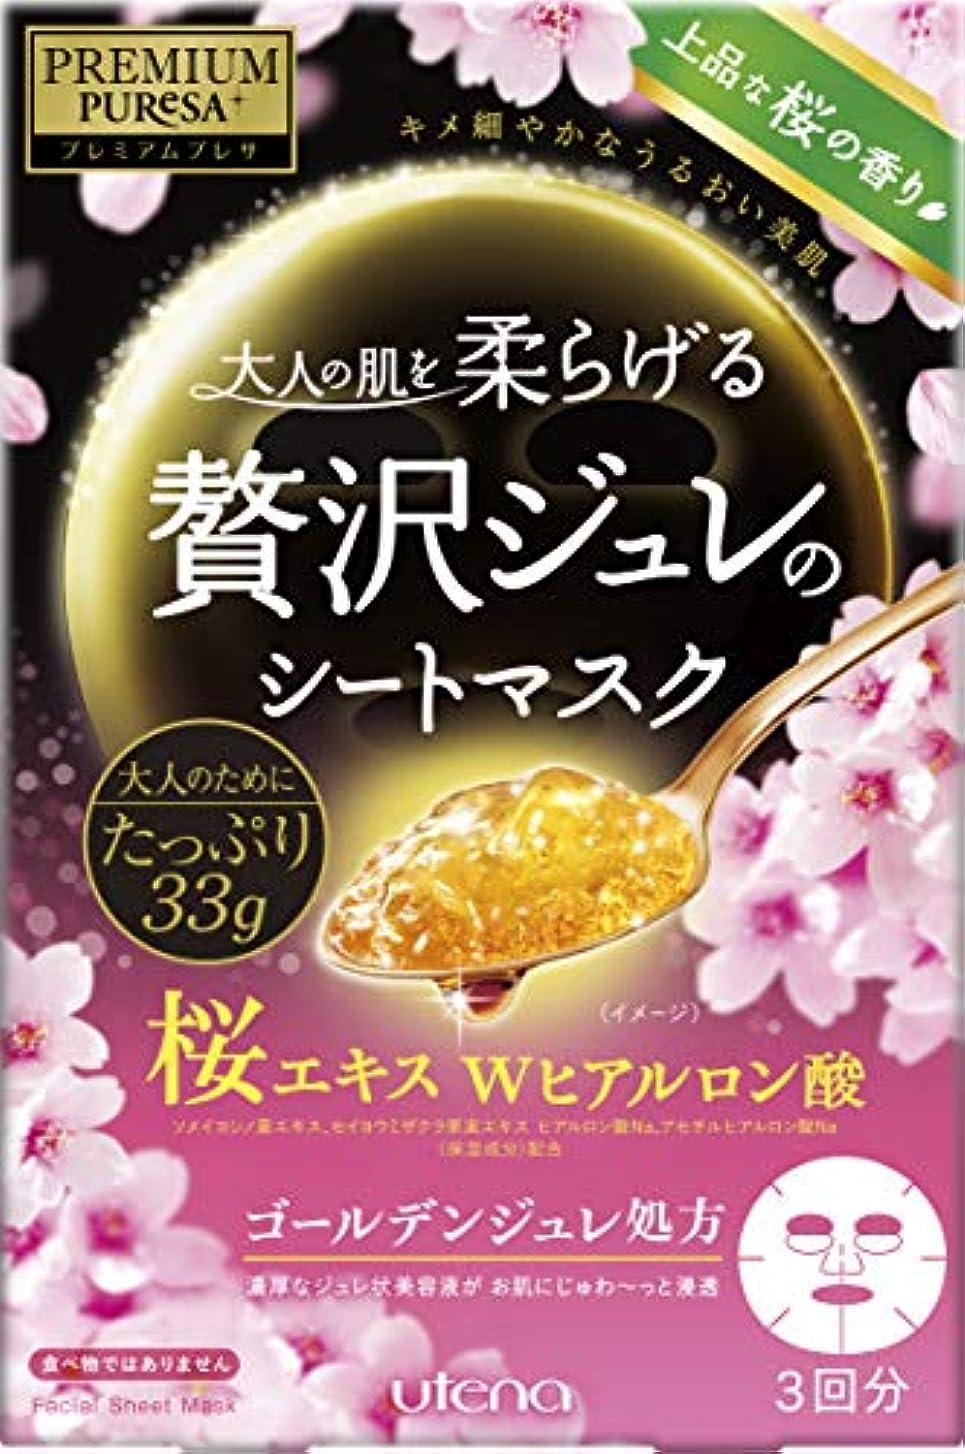 ご覧ください光沢インデックスPREMIUM PUReSA(プレミアムプレサ) ゴールデンジュレマスク 桜 33g×3枚入